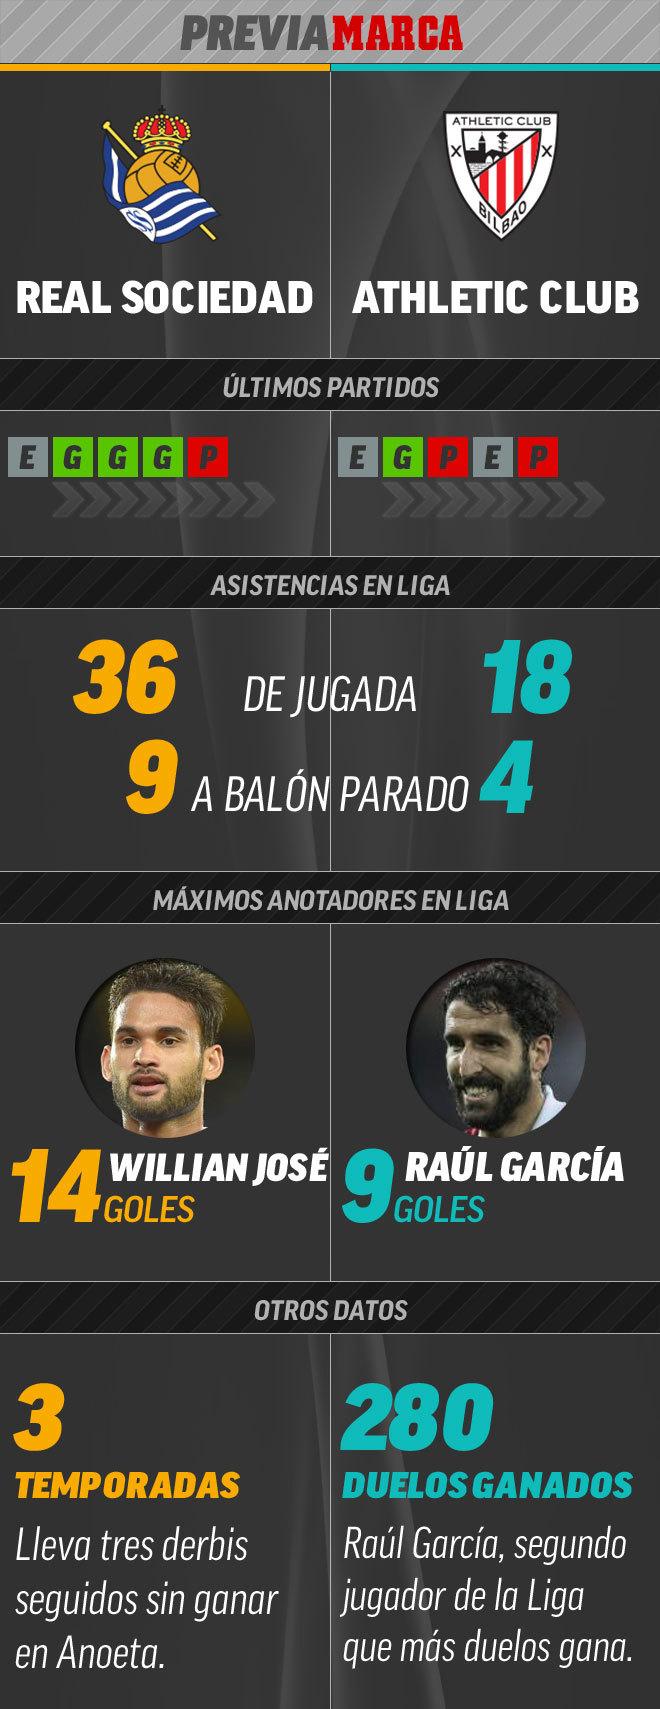 LaLiga Santander Real Sociedad Vs Athletic El Derbi Del